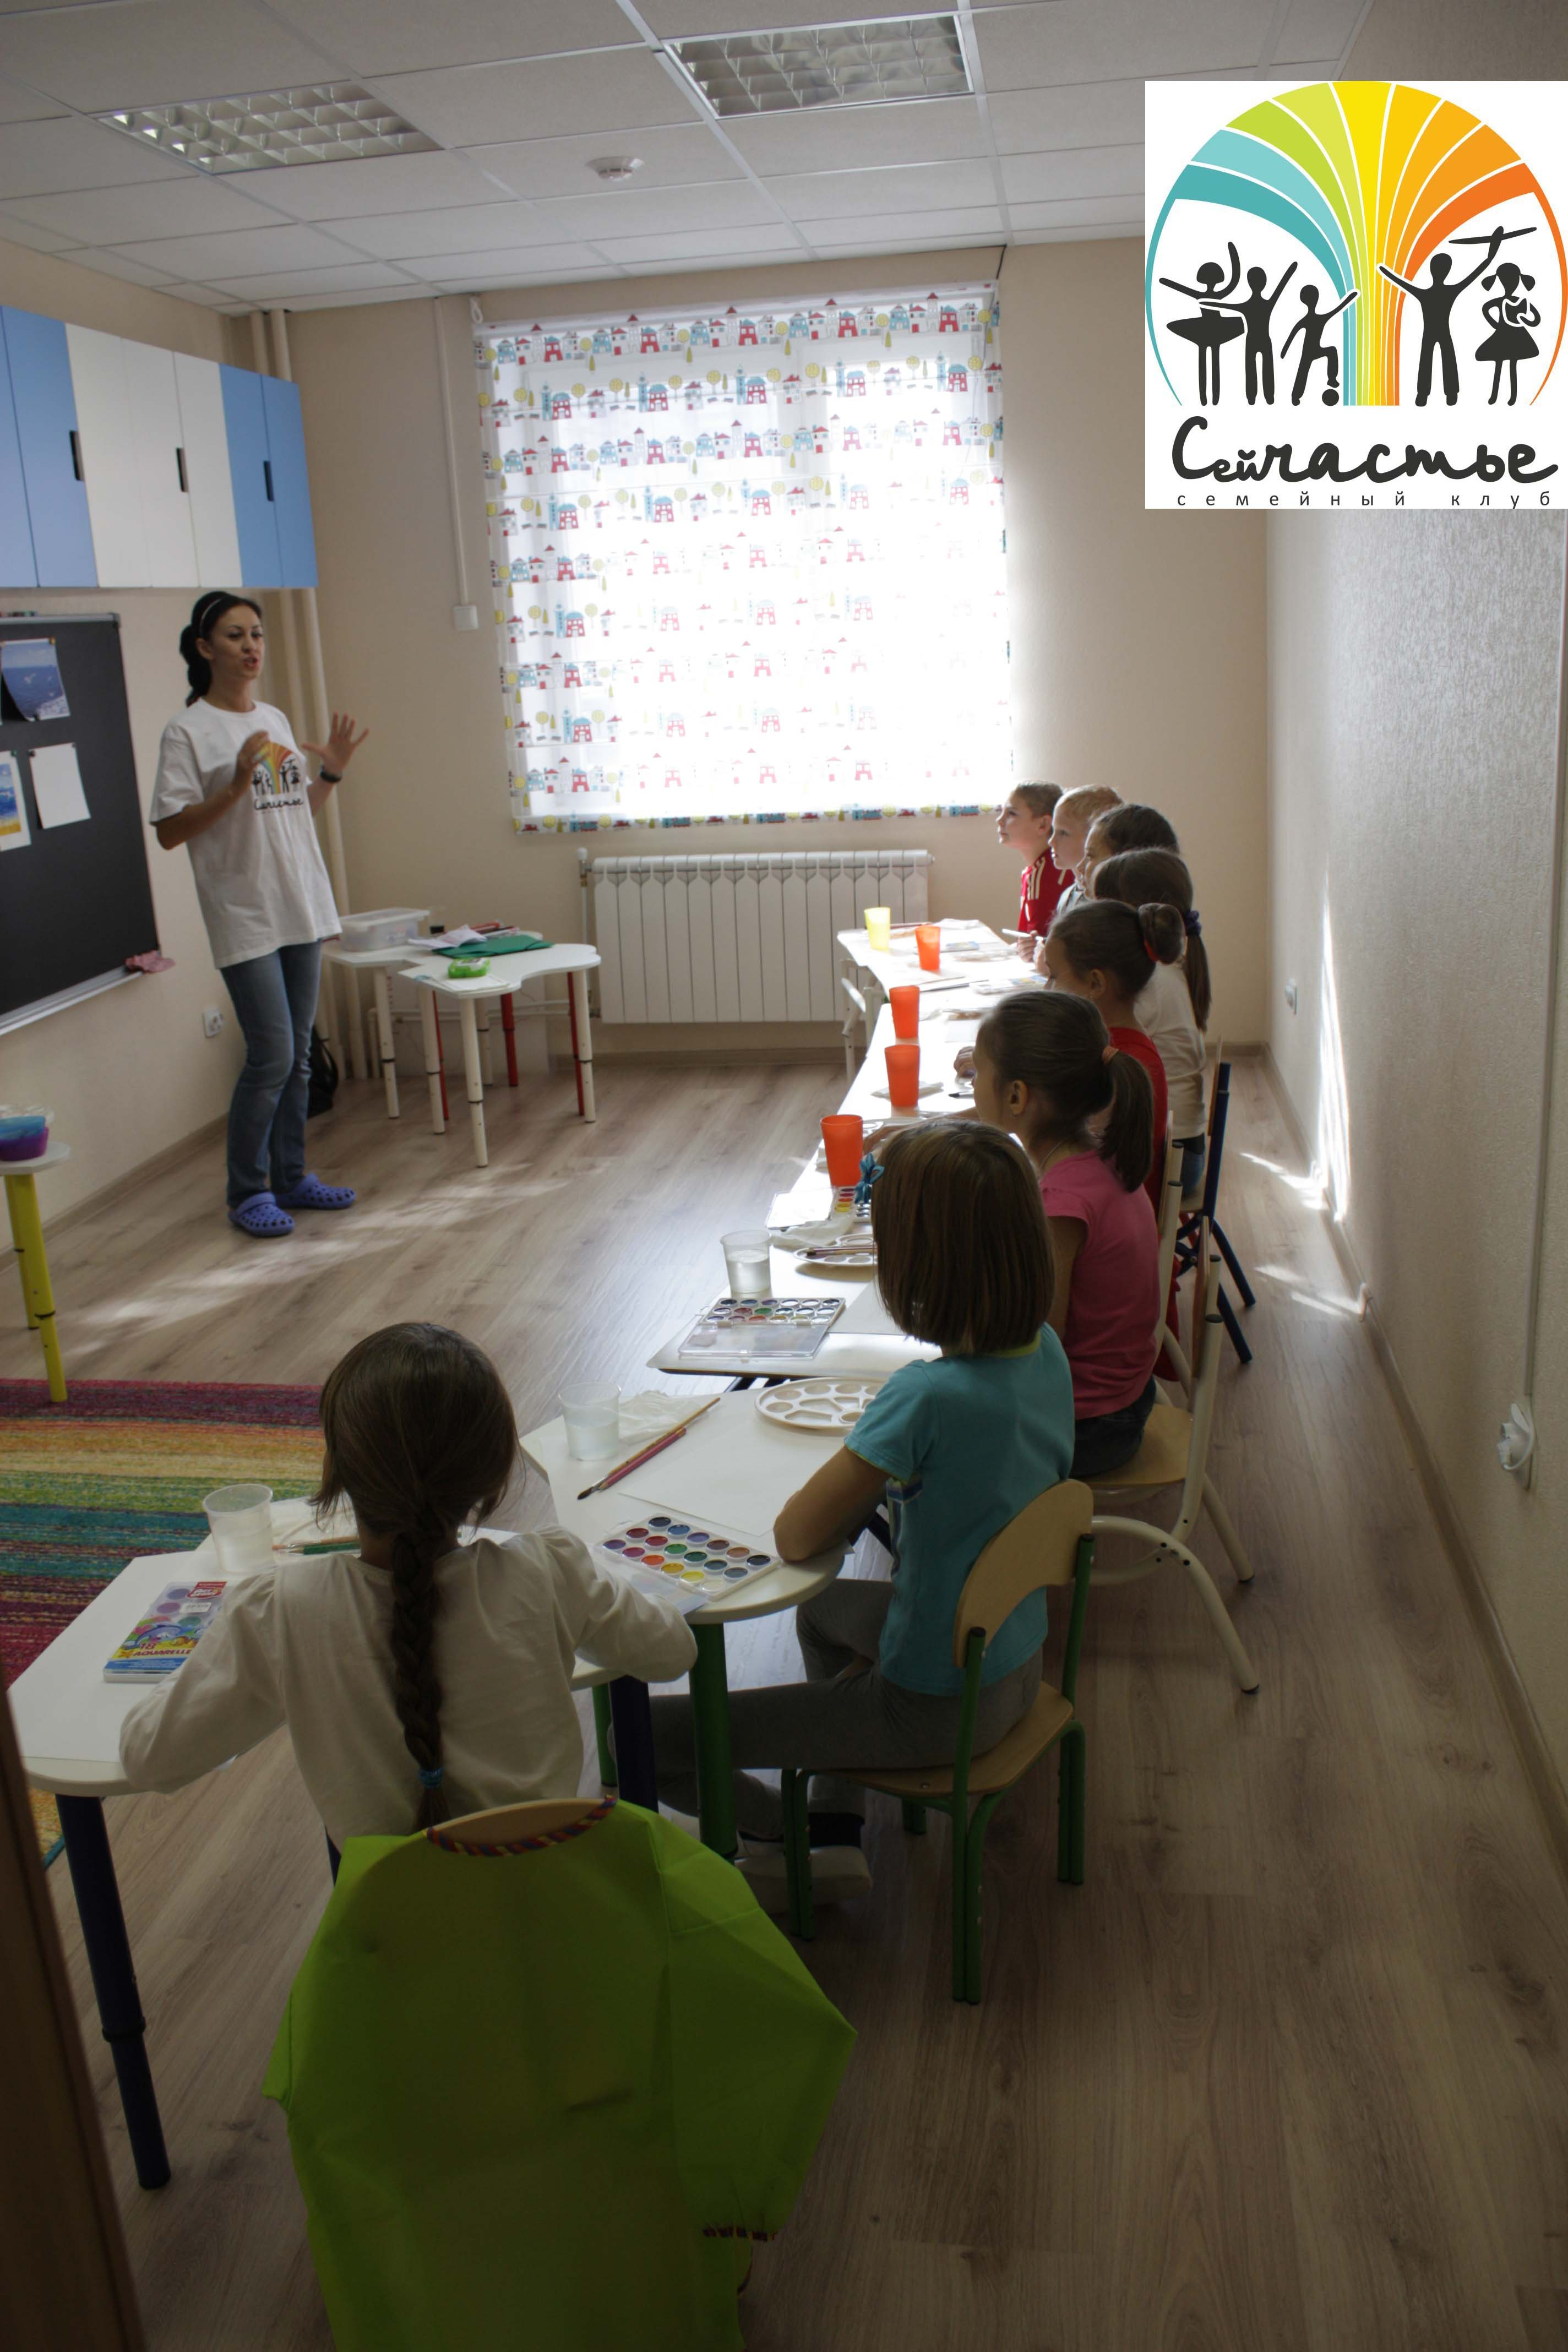 семейный клуб Сейчастье в Трехгорке